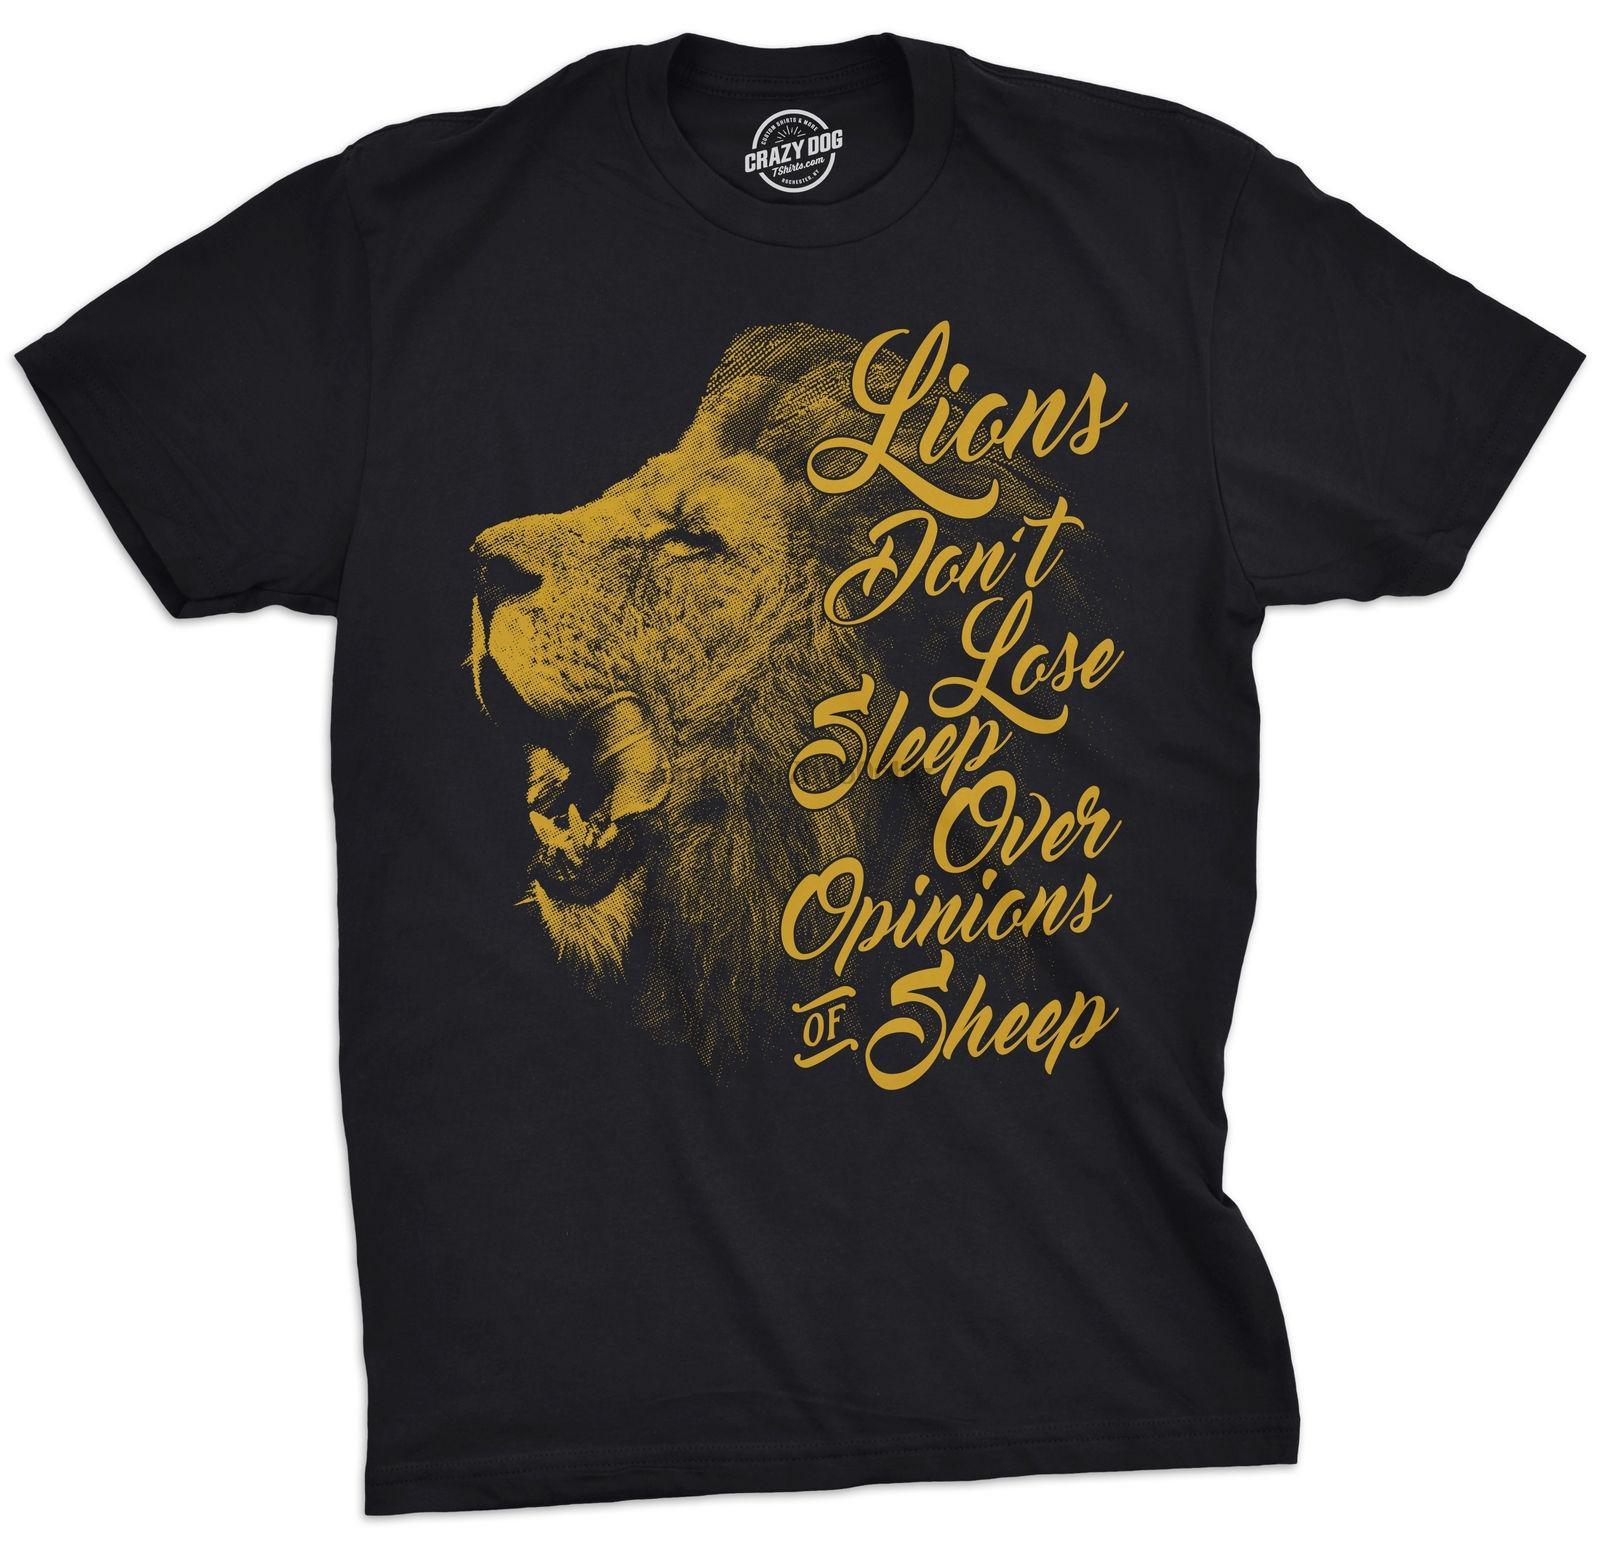 Mens leones Don Sleep perder más de las opiniones de las ovejas camiseta motivación atractiva camiseta unisex orgullo camiseta de los hombres Casual camiseta Moda